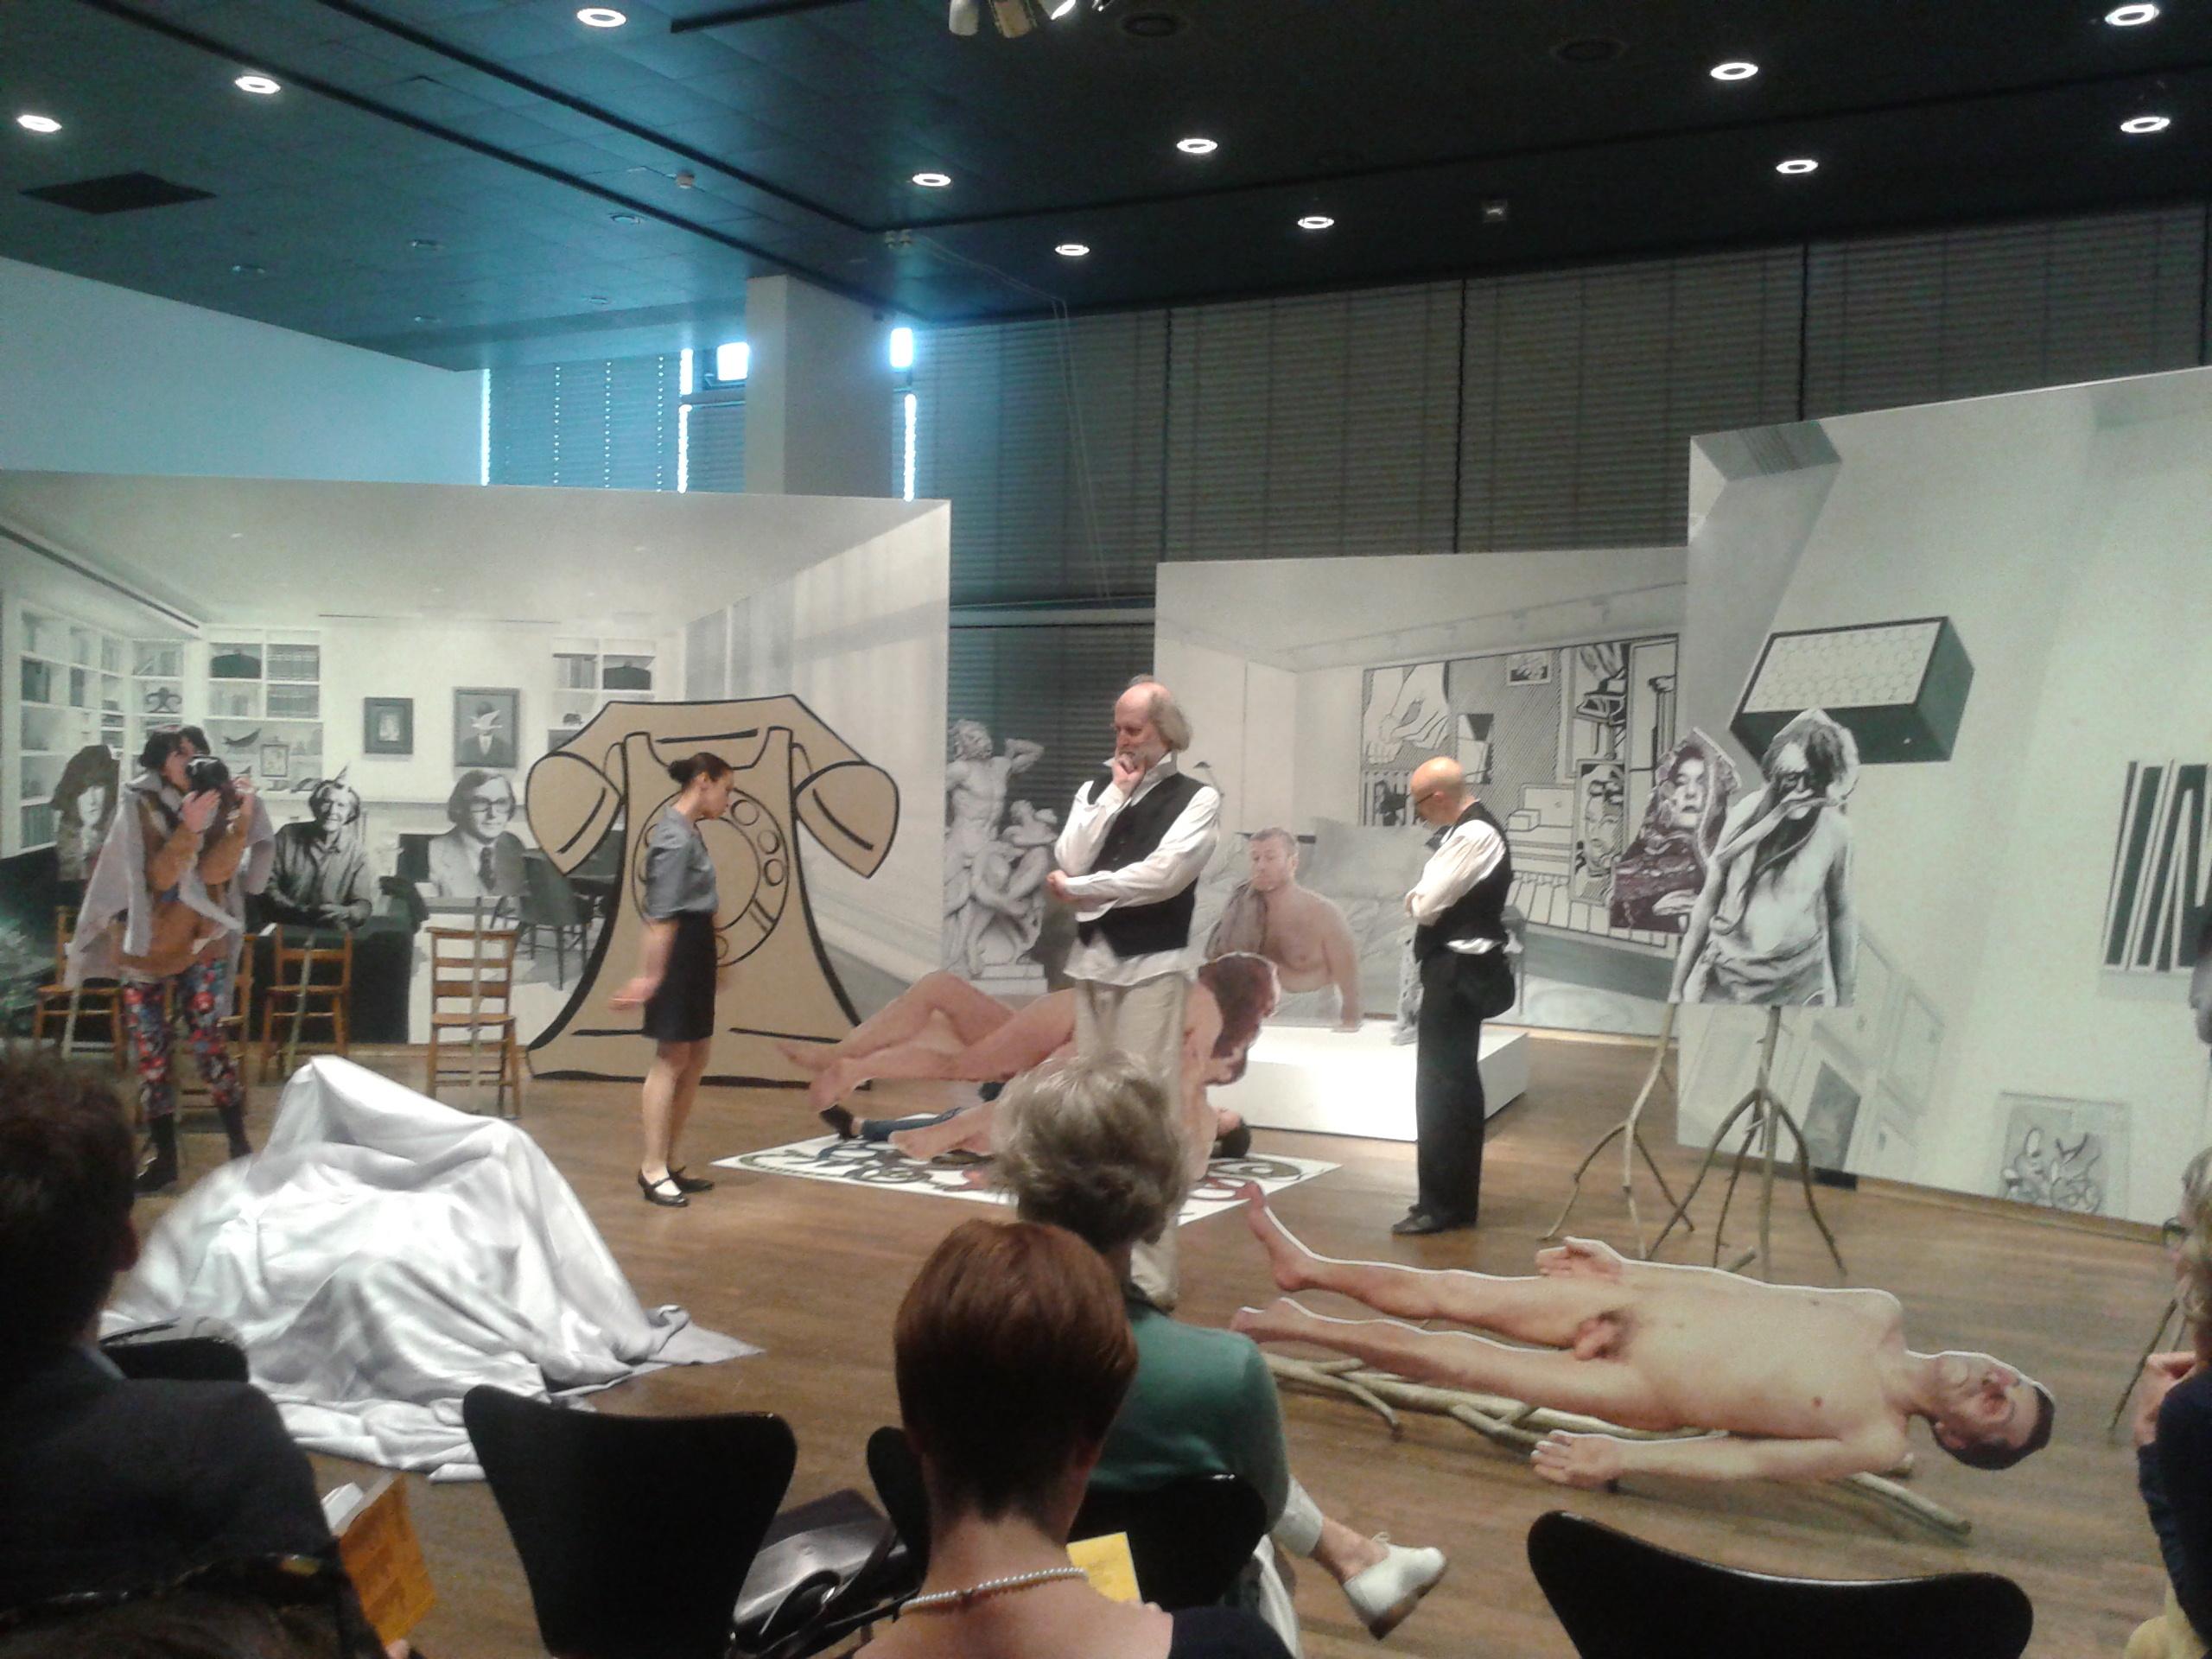 """Goshka Macuga, """"Preparatory Notes for aChicago Comedy"""", premiera podczas dni prasowych 8. Berlin Biennale"""